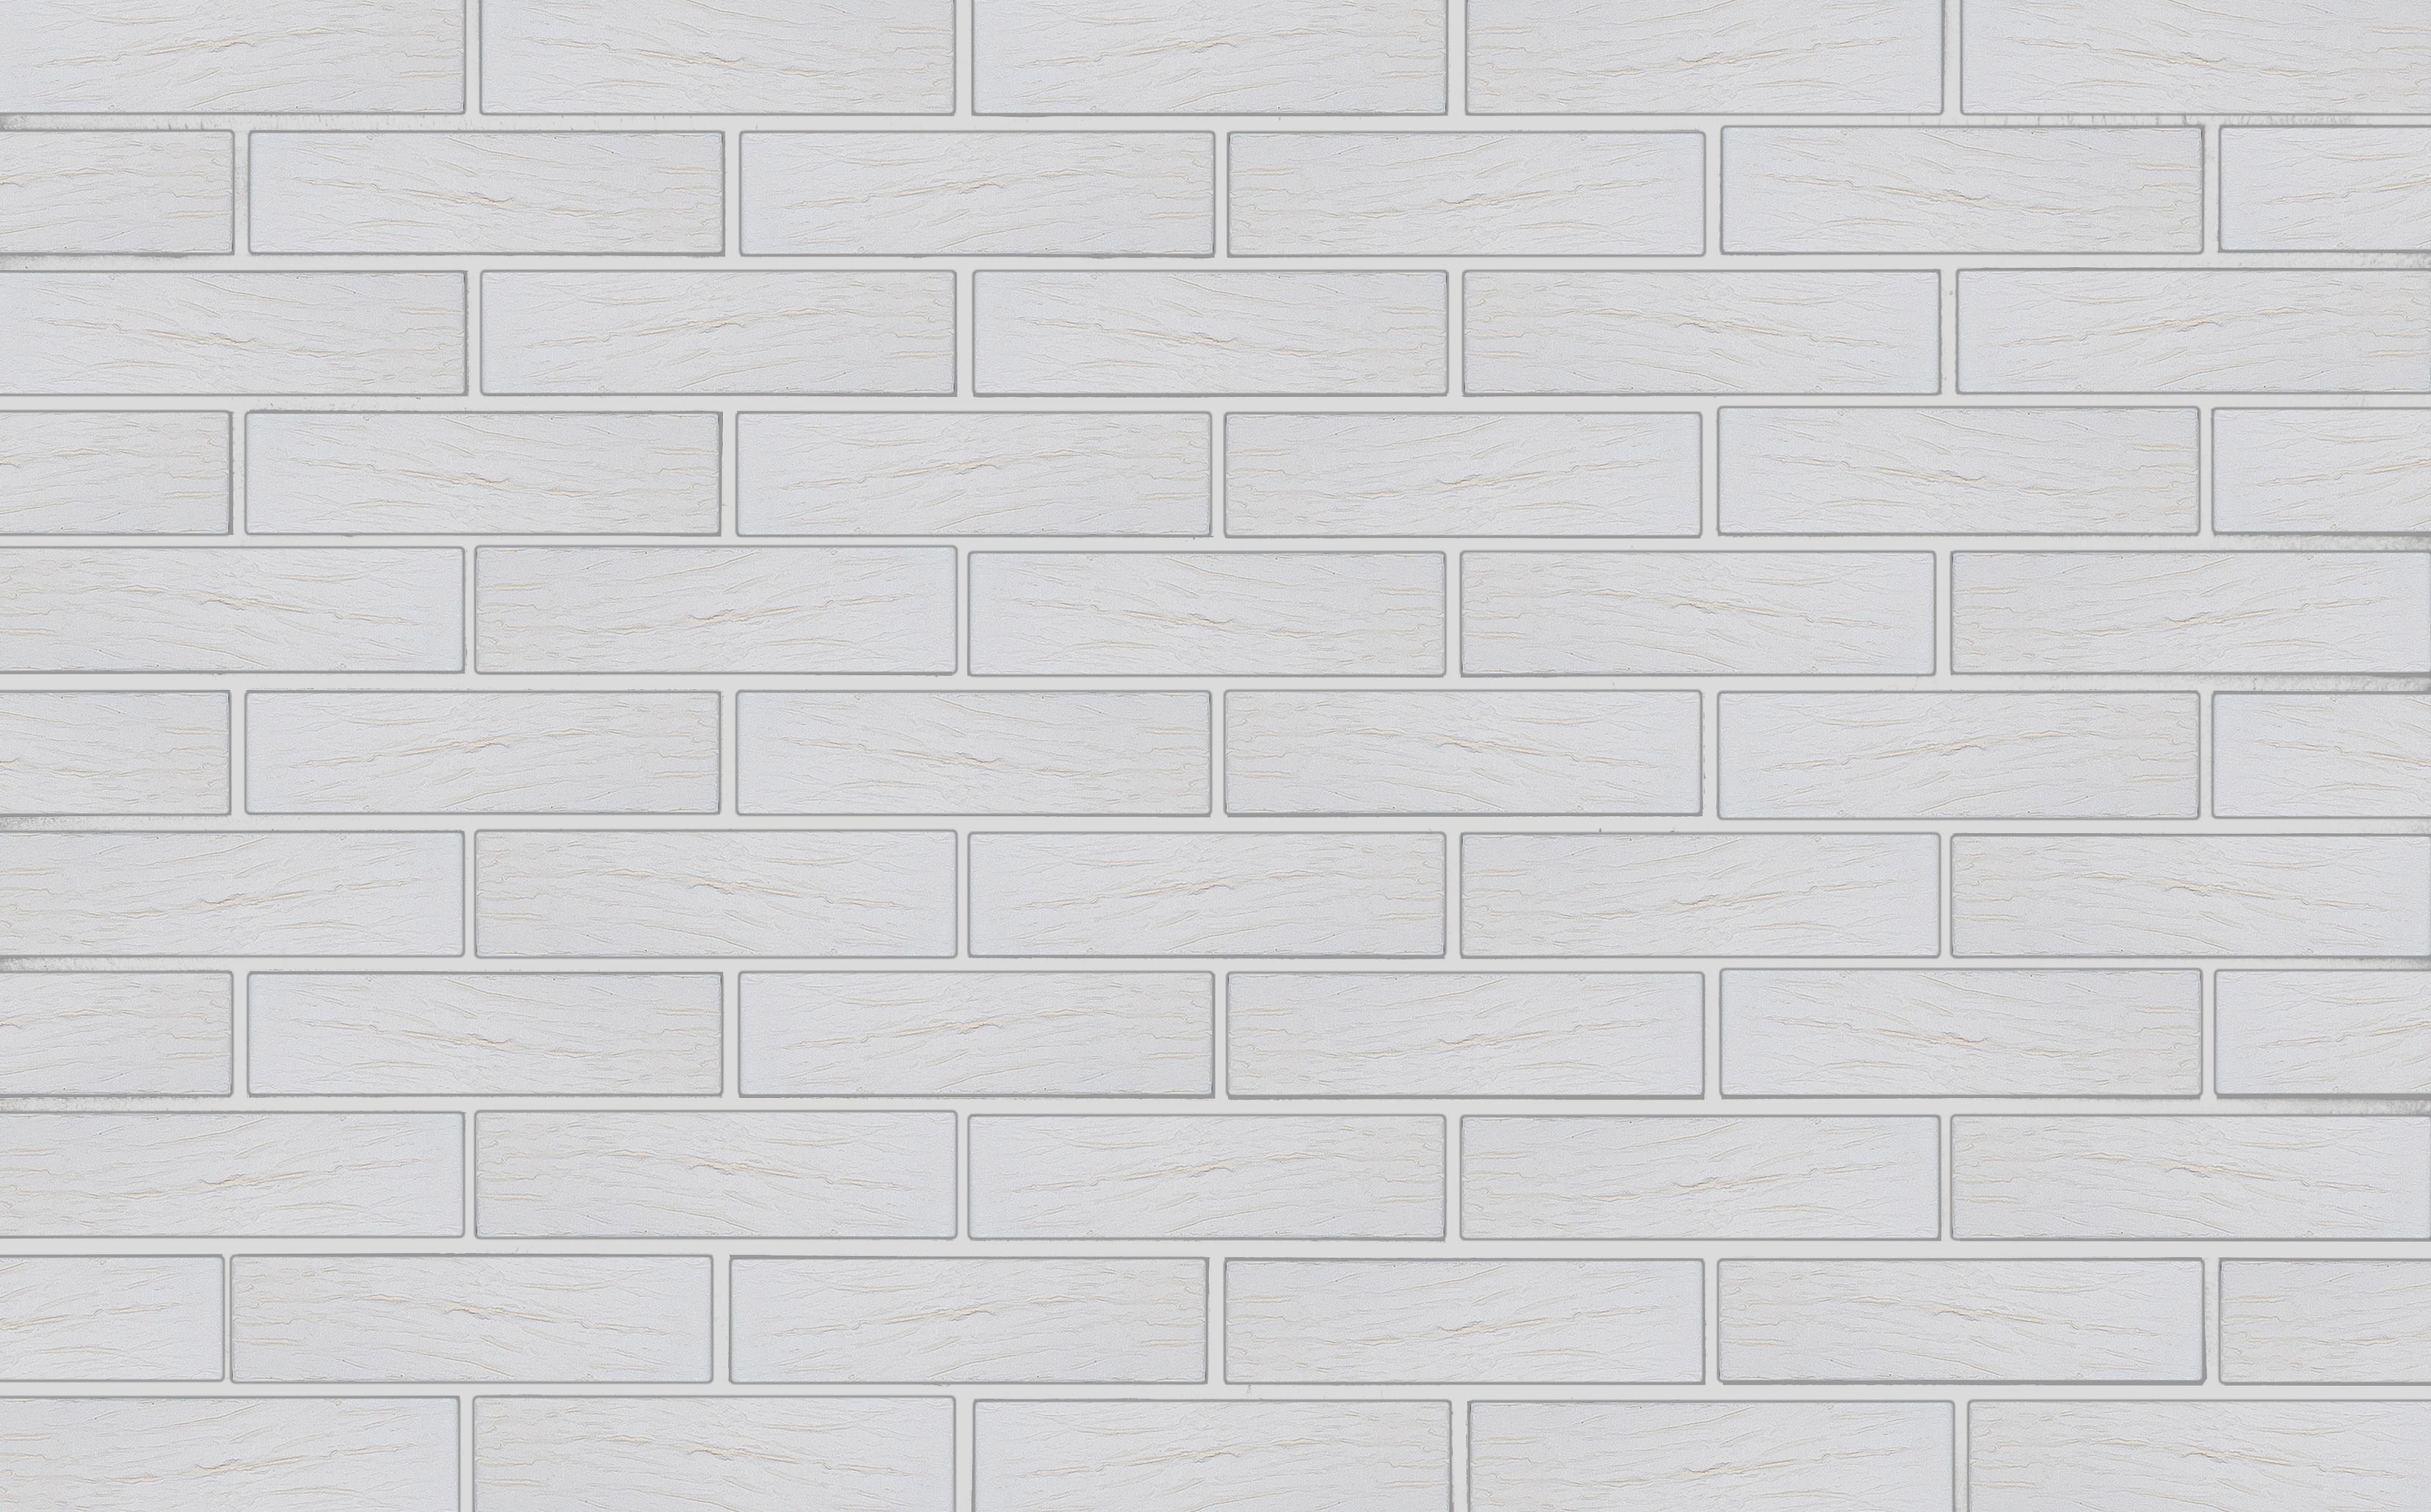 Кирпич Kerma Color WHITE POWDER R 250*120*65 1НФ - фото